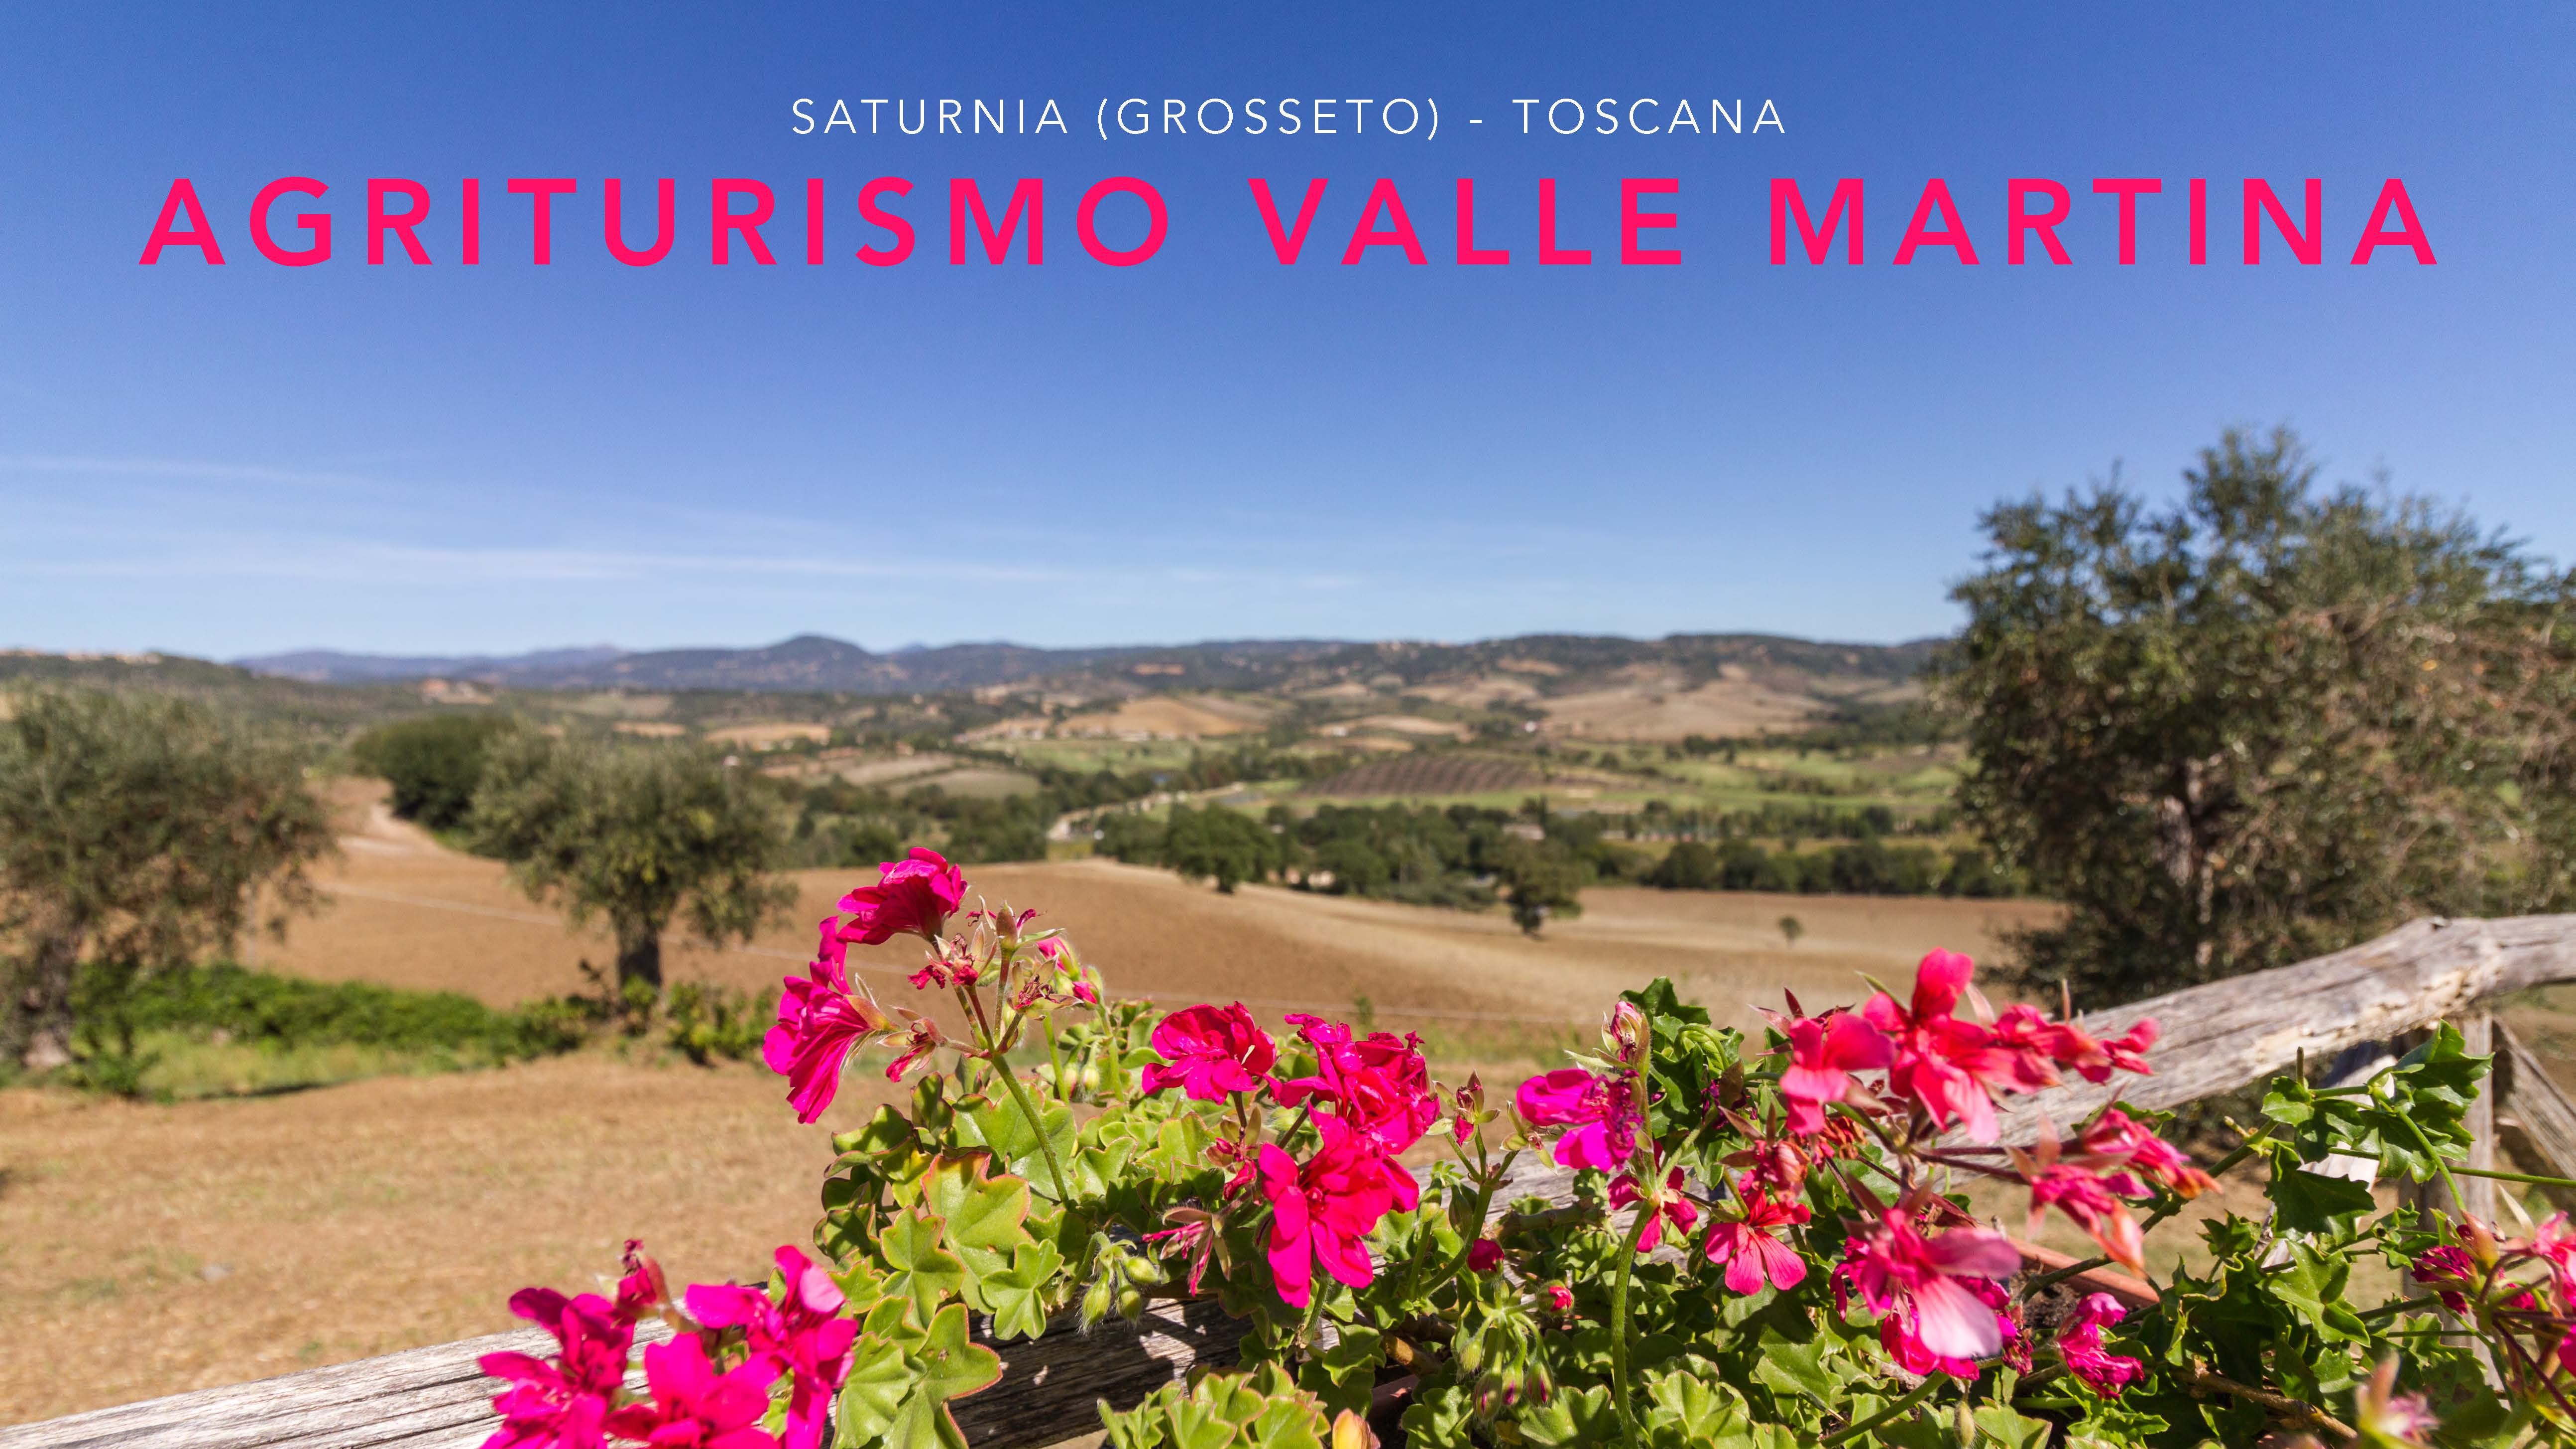 Agriturismo Valle Martina Saturnia